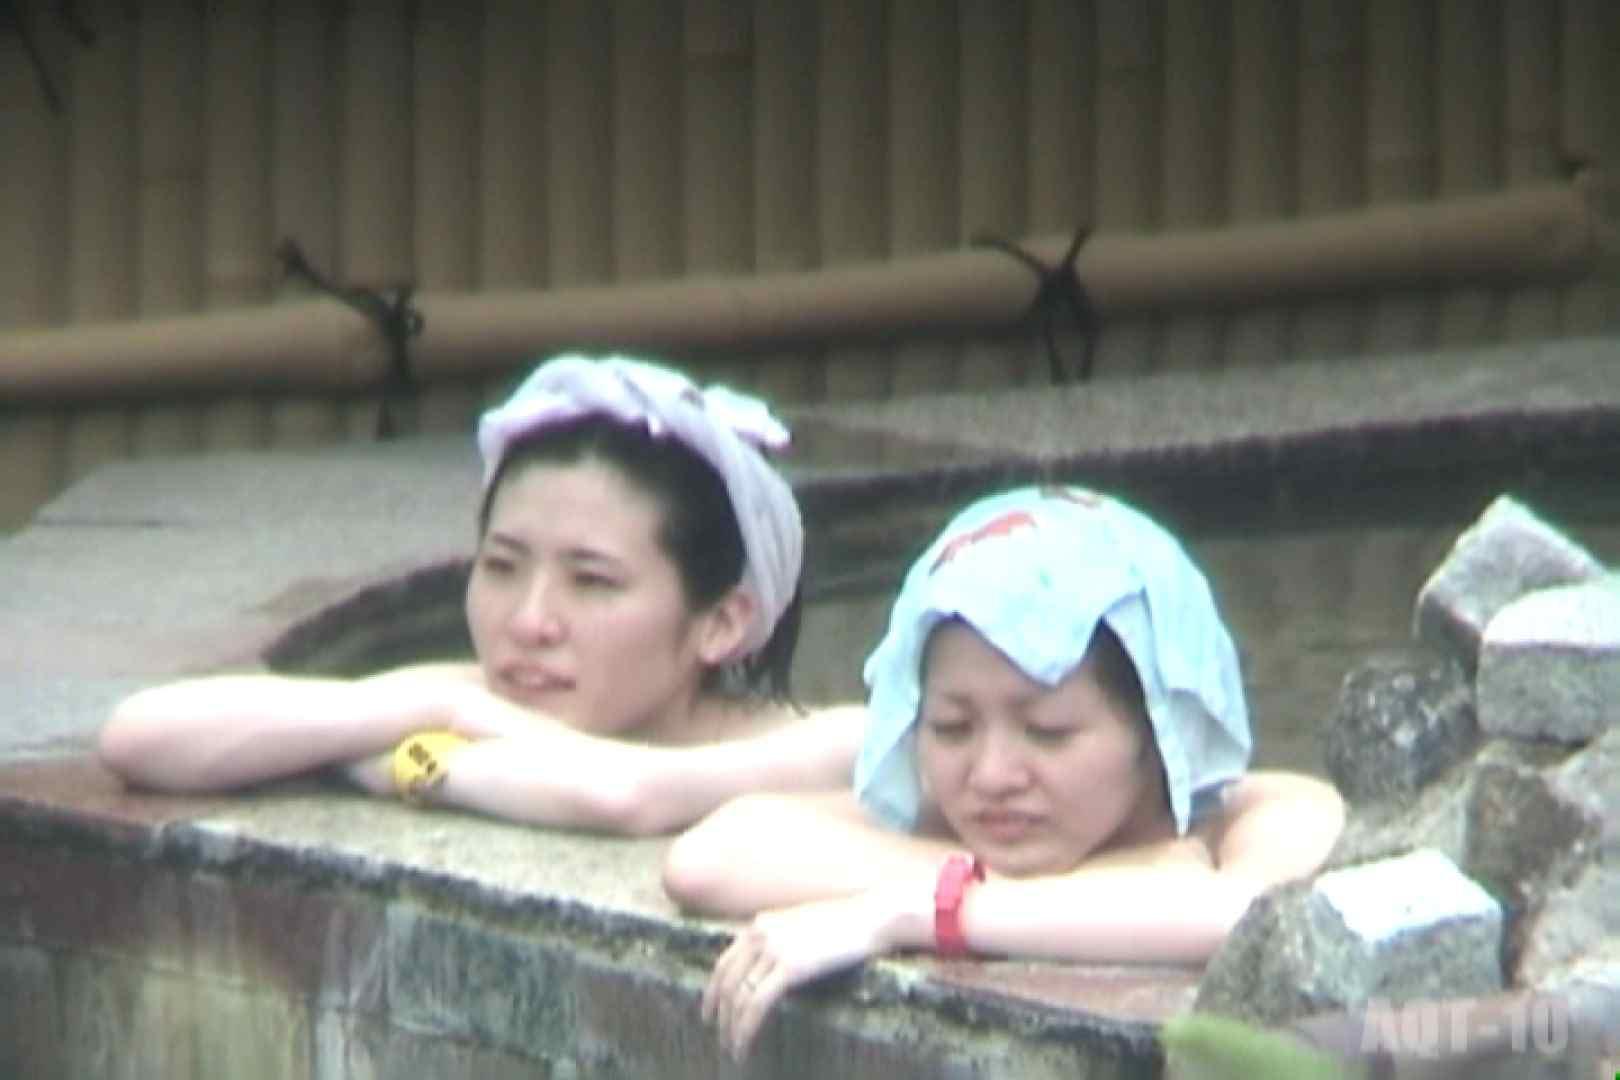 Aquaな露天風呂Vol.793 盗撮 オメコ無修正動画無料 94画像 38